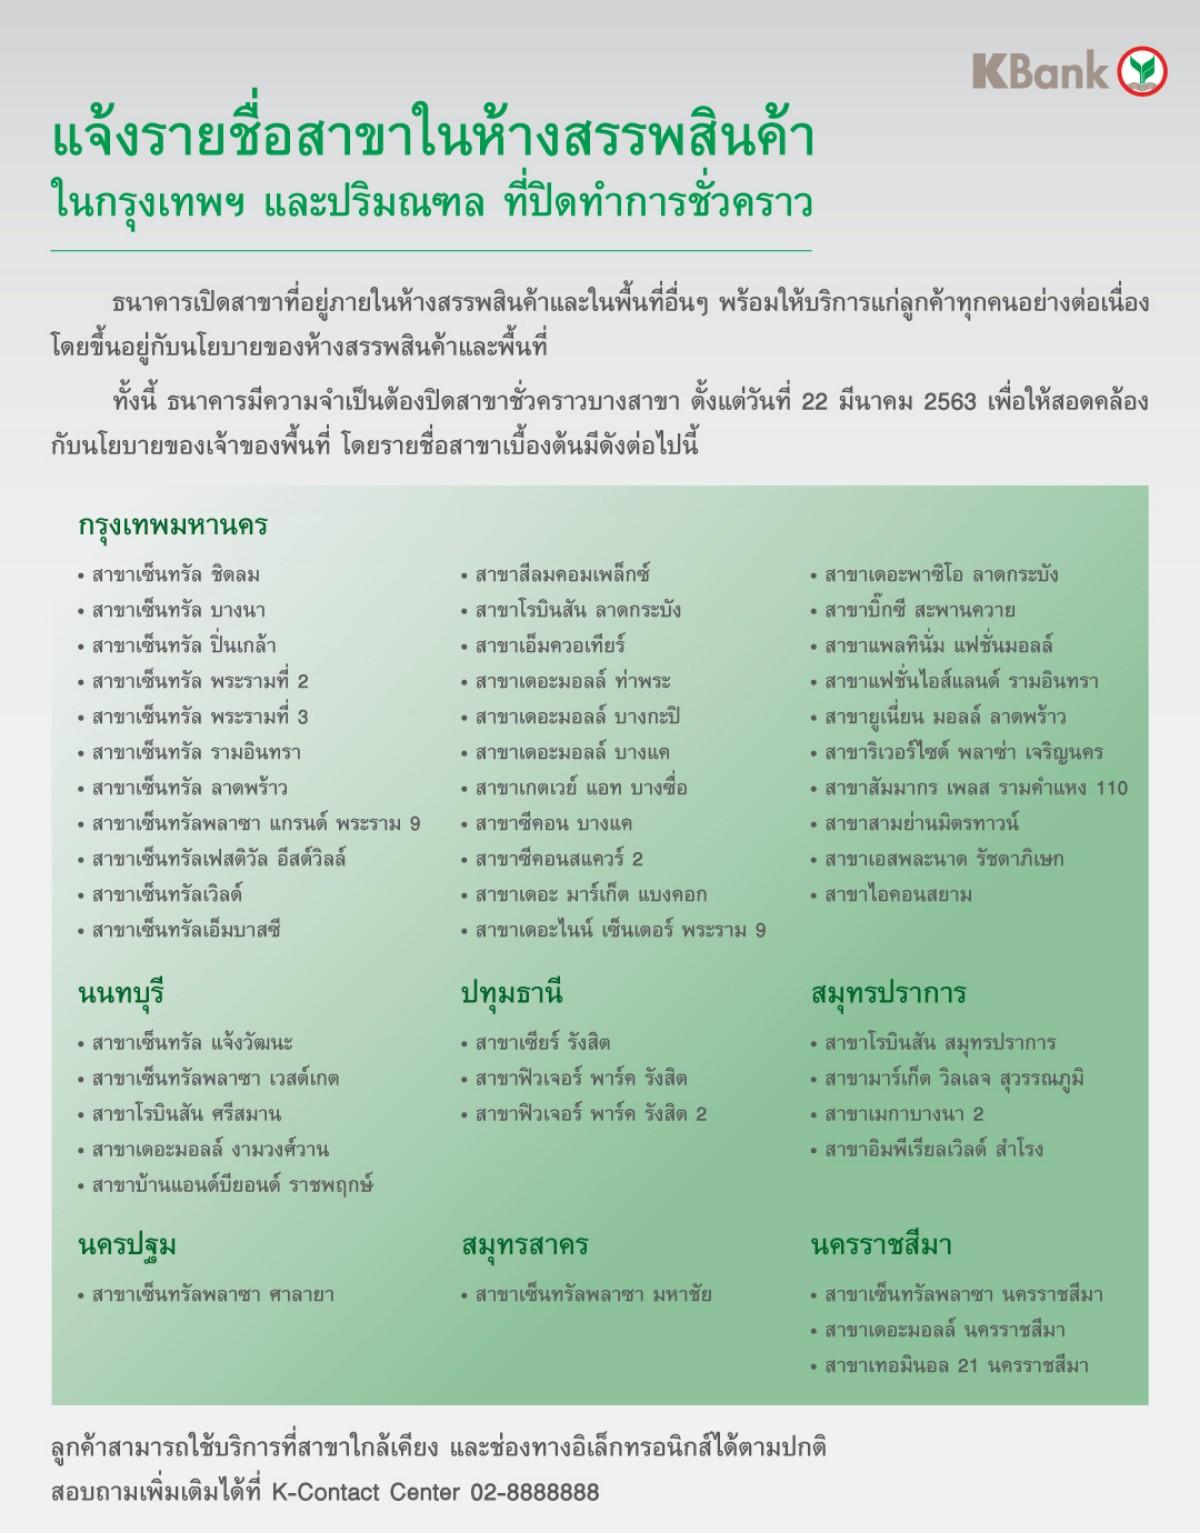 ธนาคารกสิกรไทยแจ้งรายชื่อสาขาที่ปิดทำการชั่วคราว